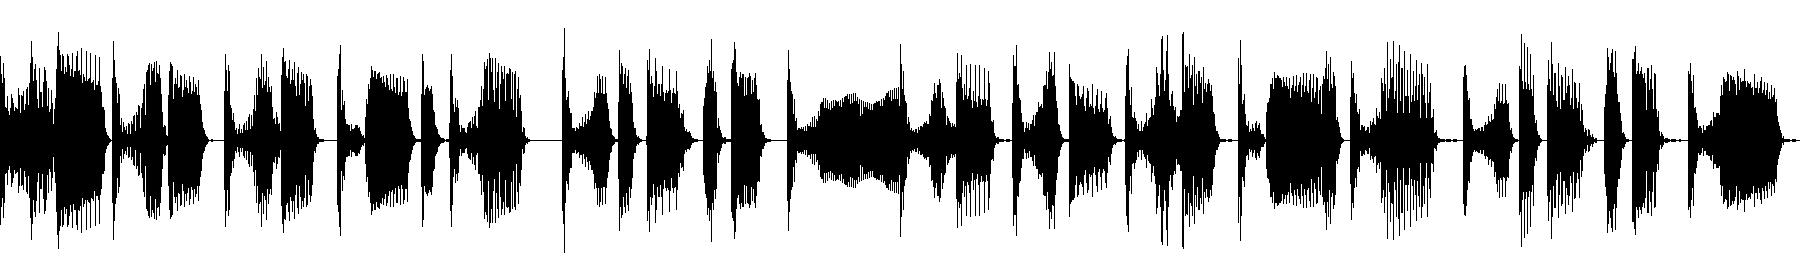 idm bass